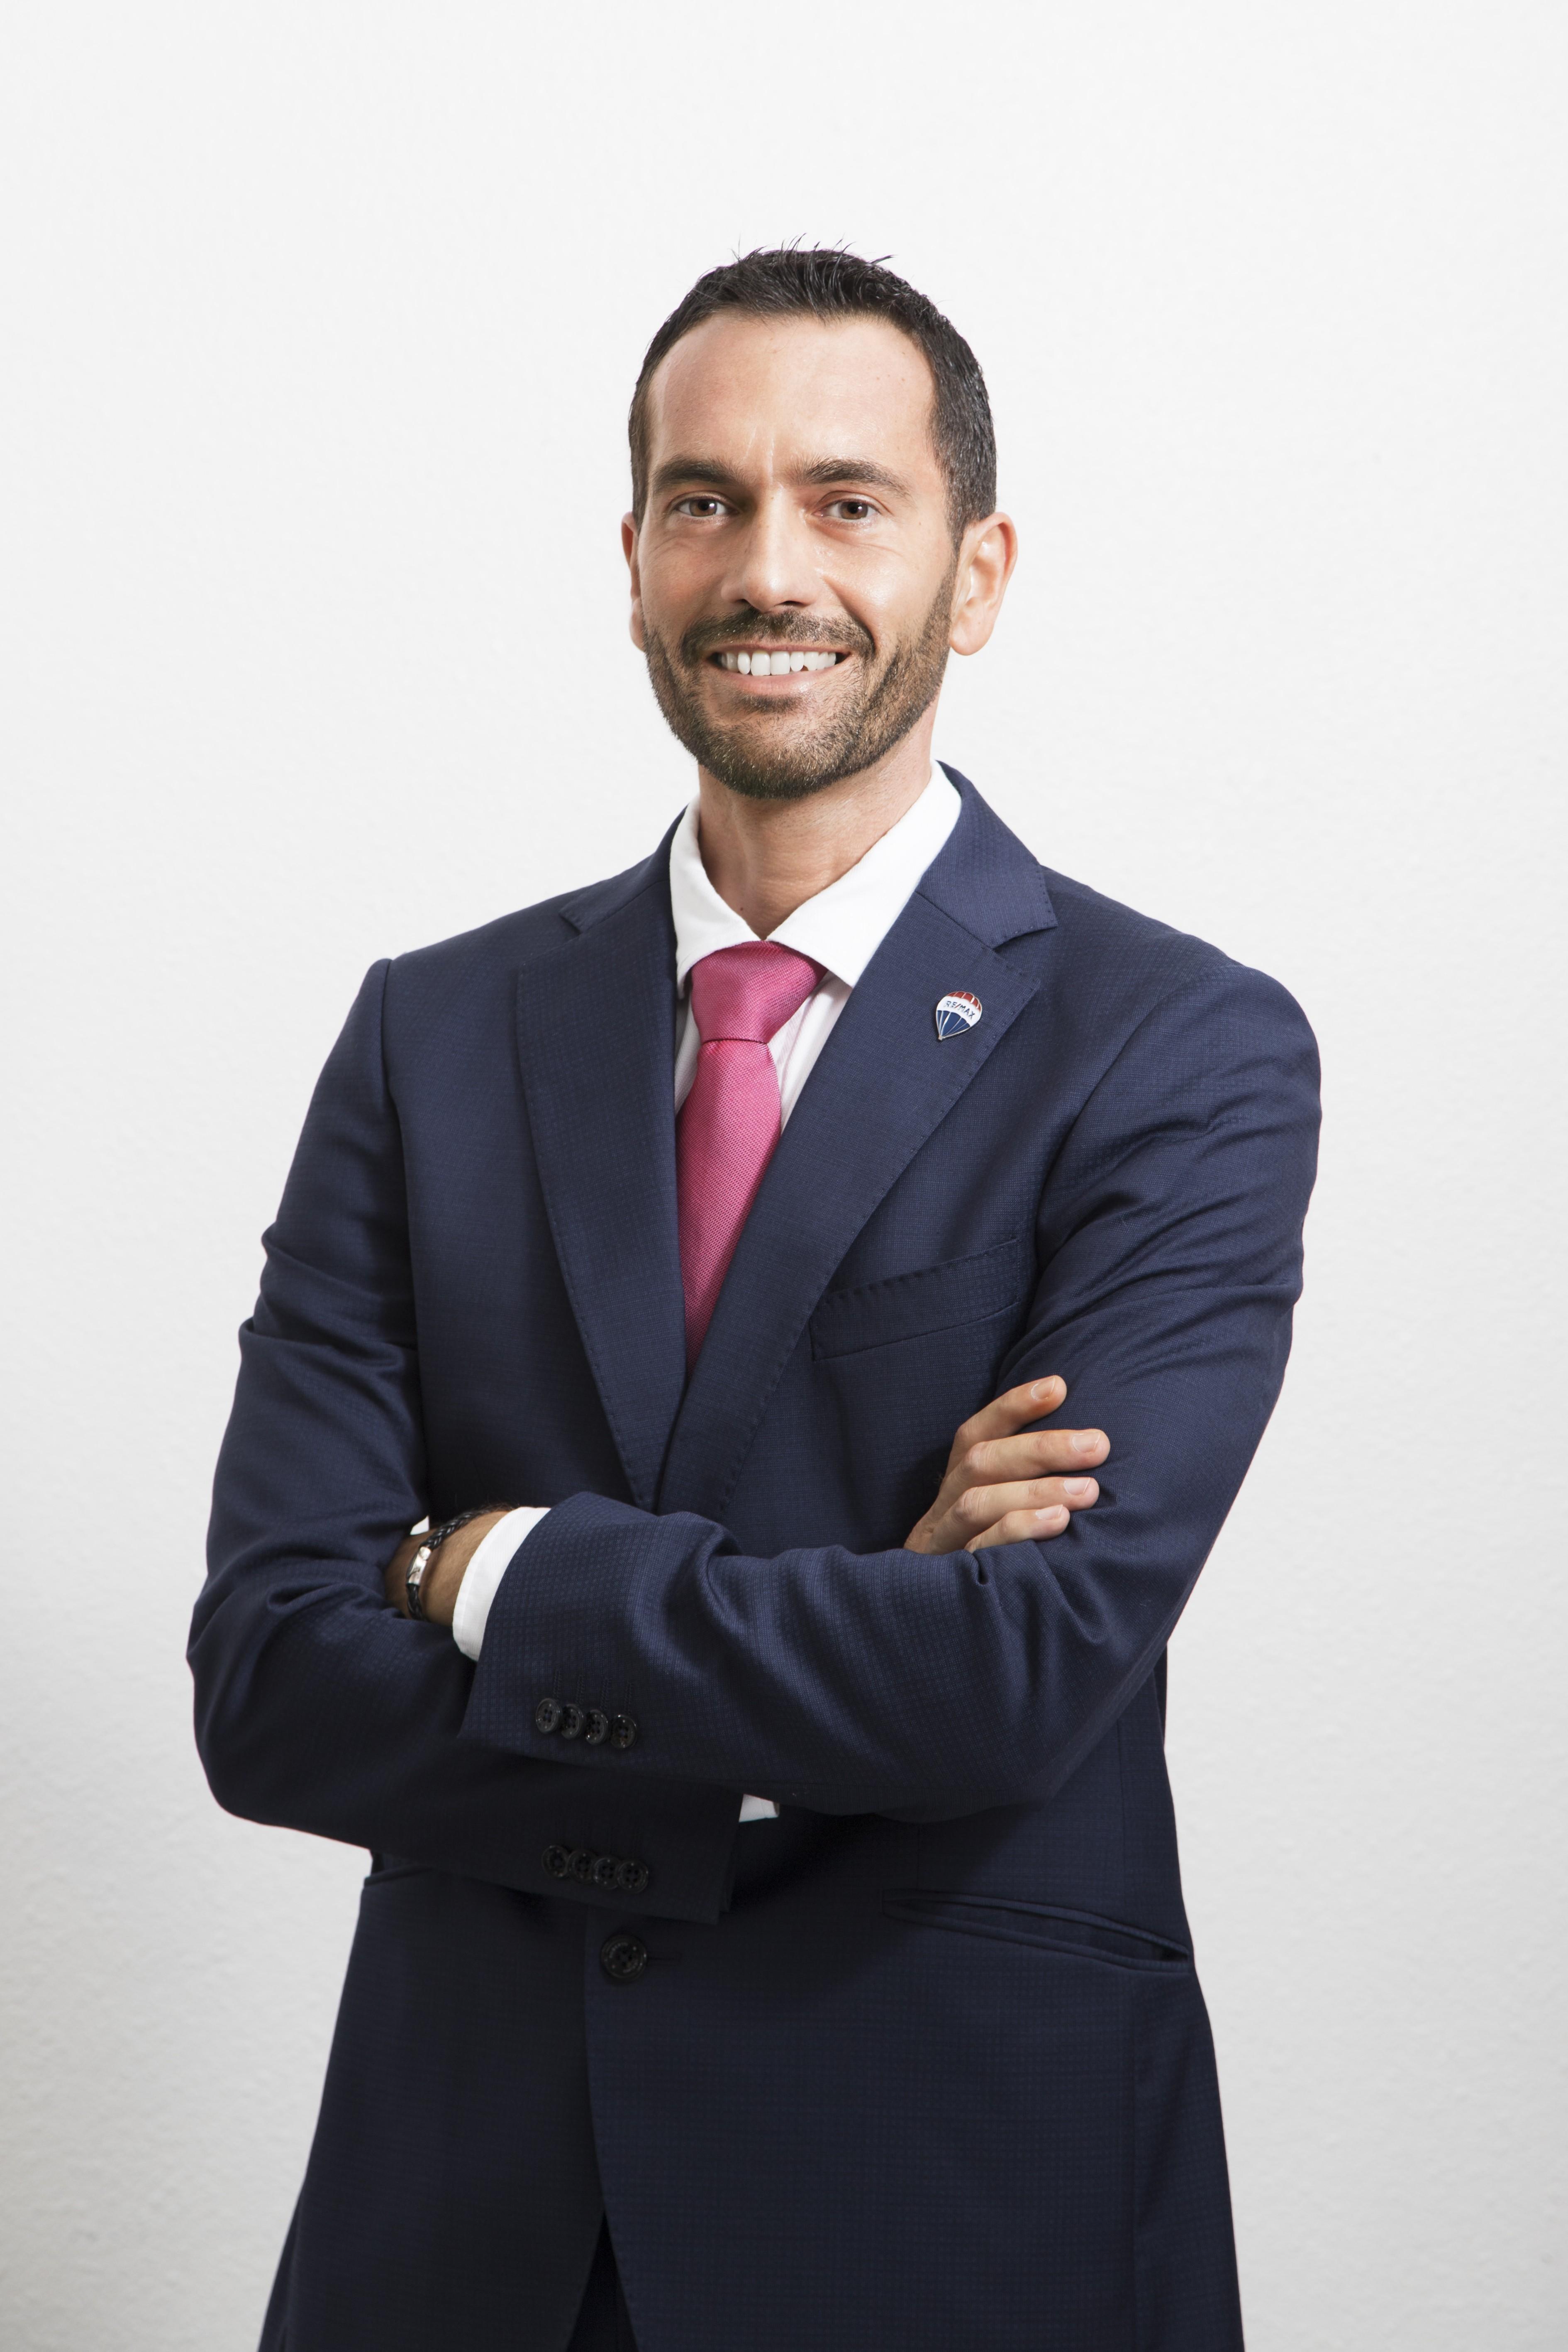 Pasquale Di Vico